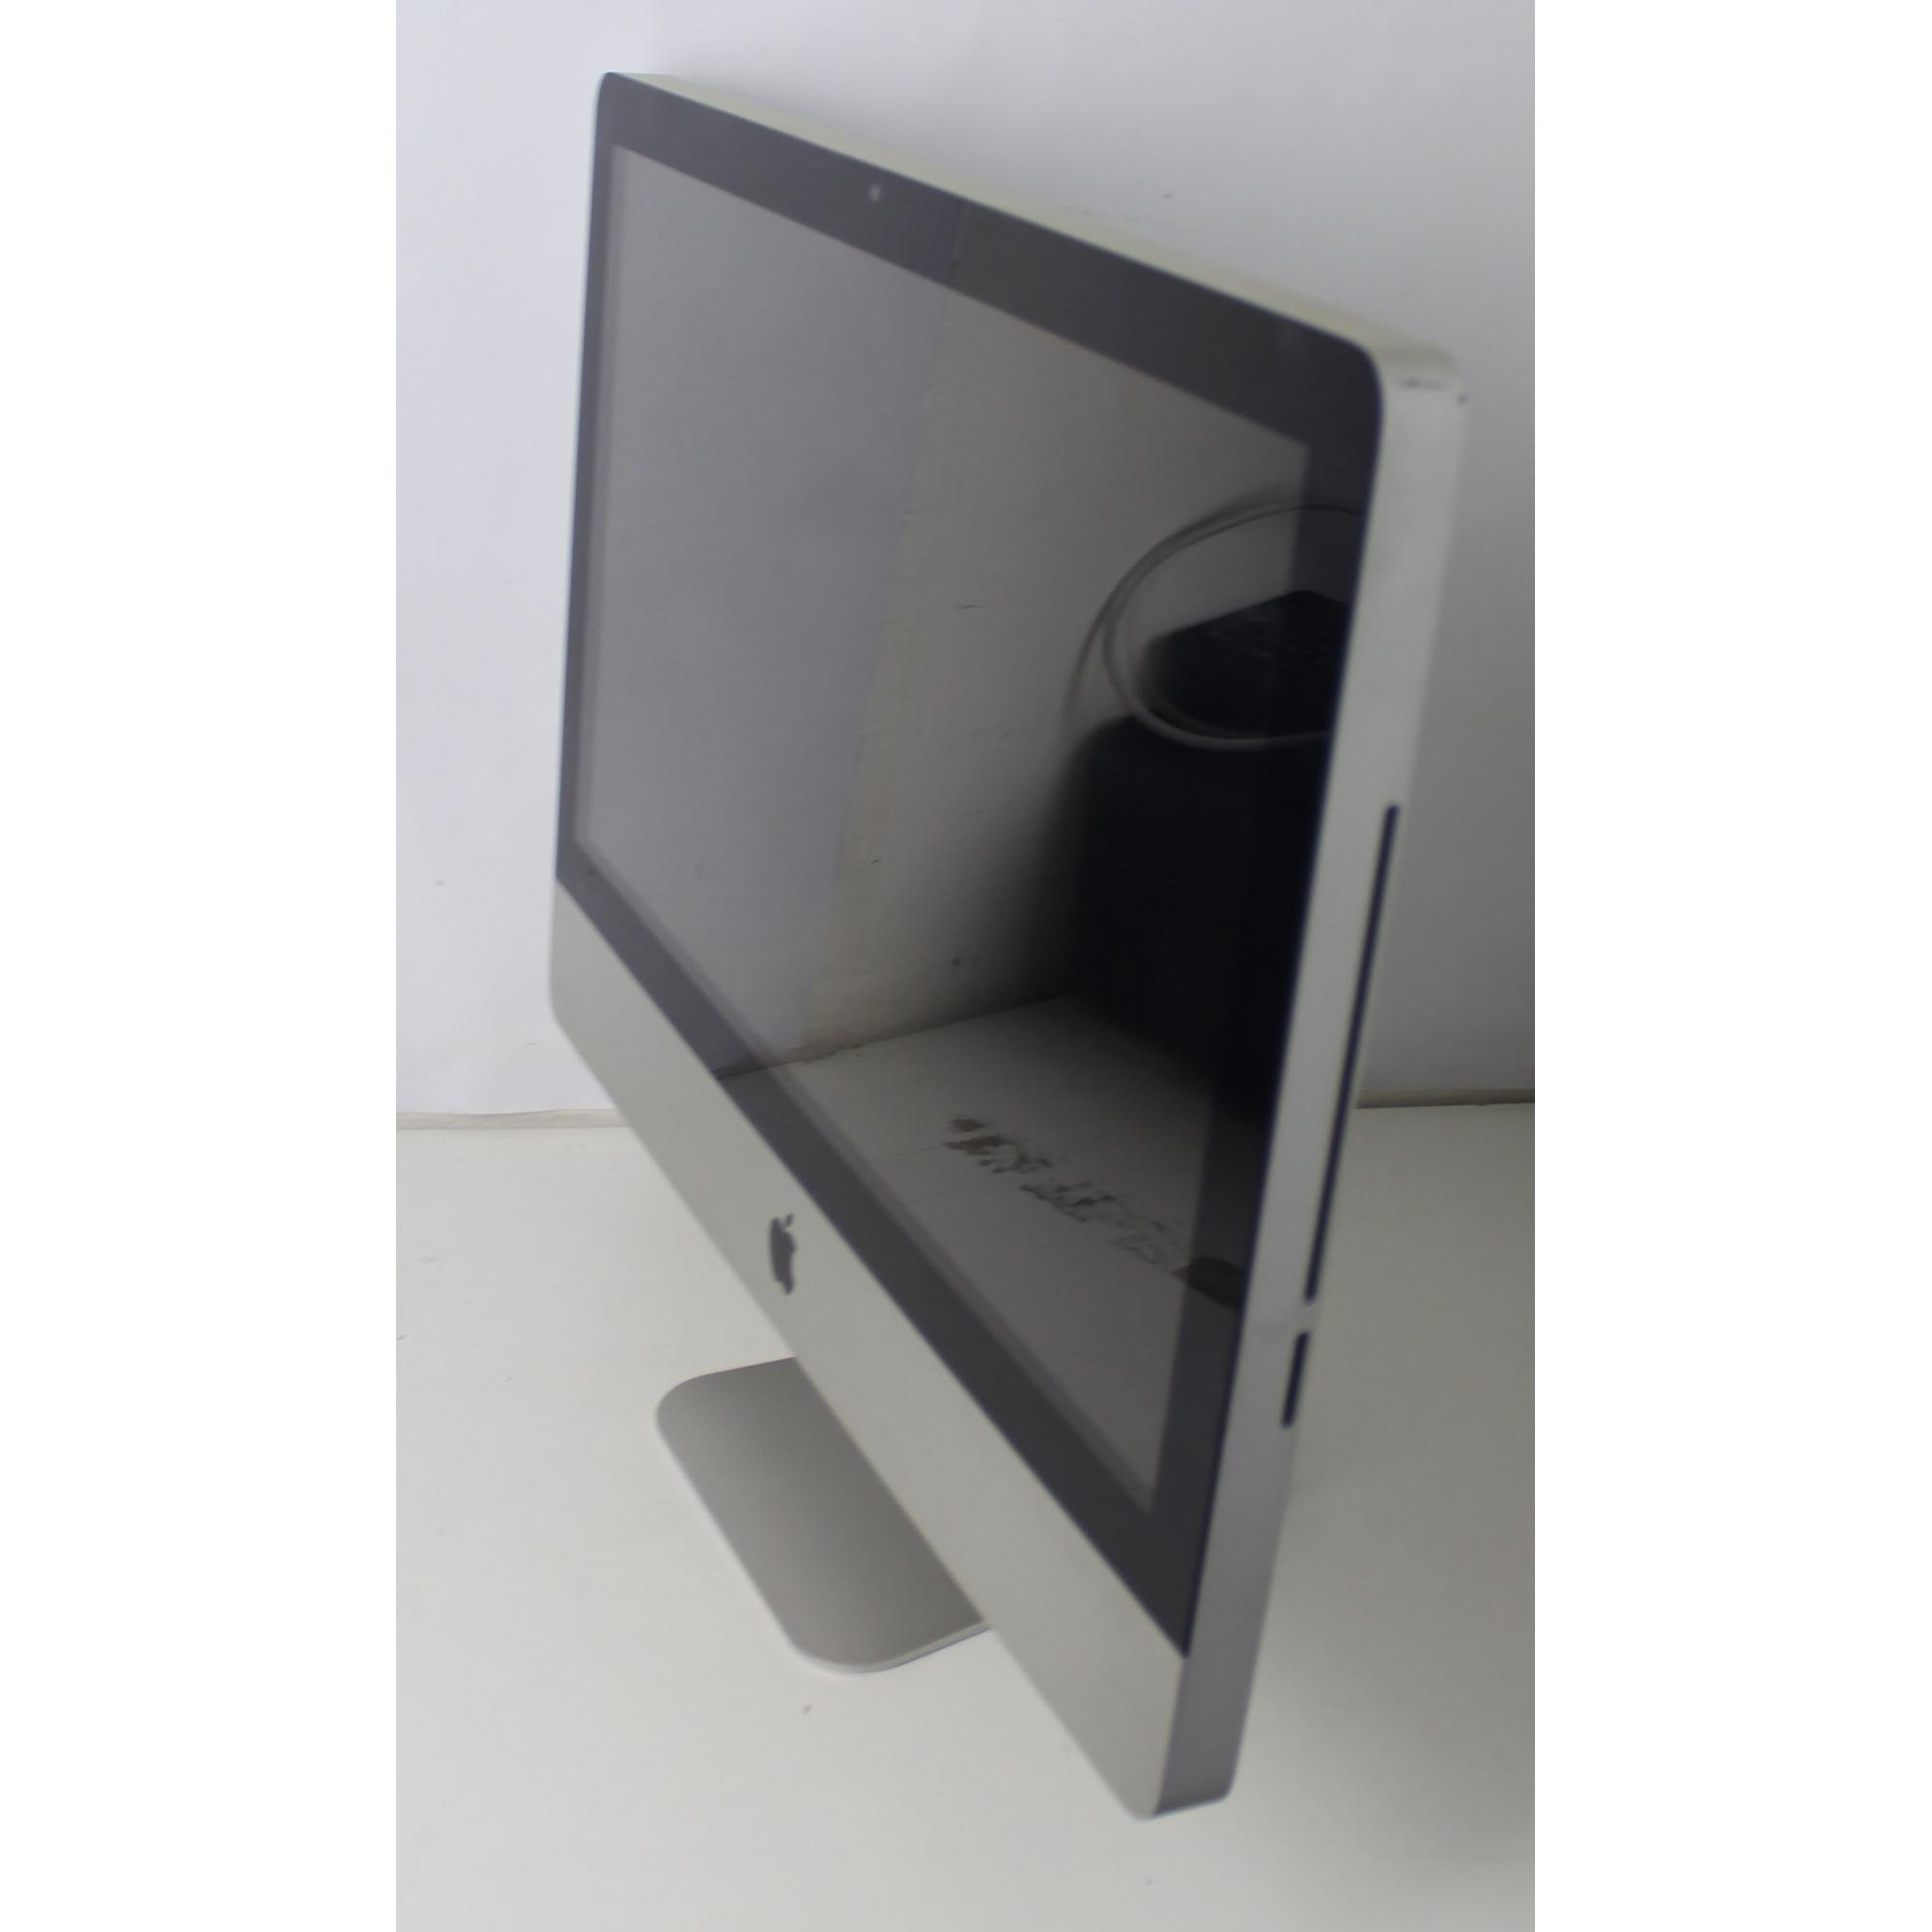 """IMAC MC309BZ/A 21.5"""" INTEL CORE I5 2.5GHZ 4GB HD-500GB / NÃO ENVIAMOS"""